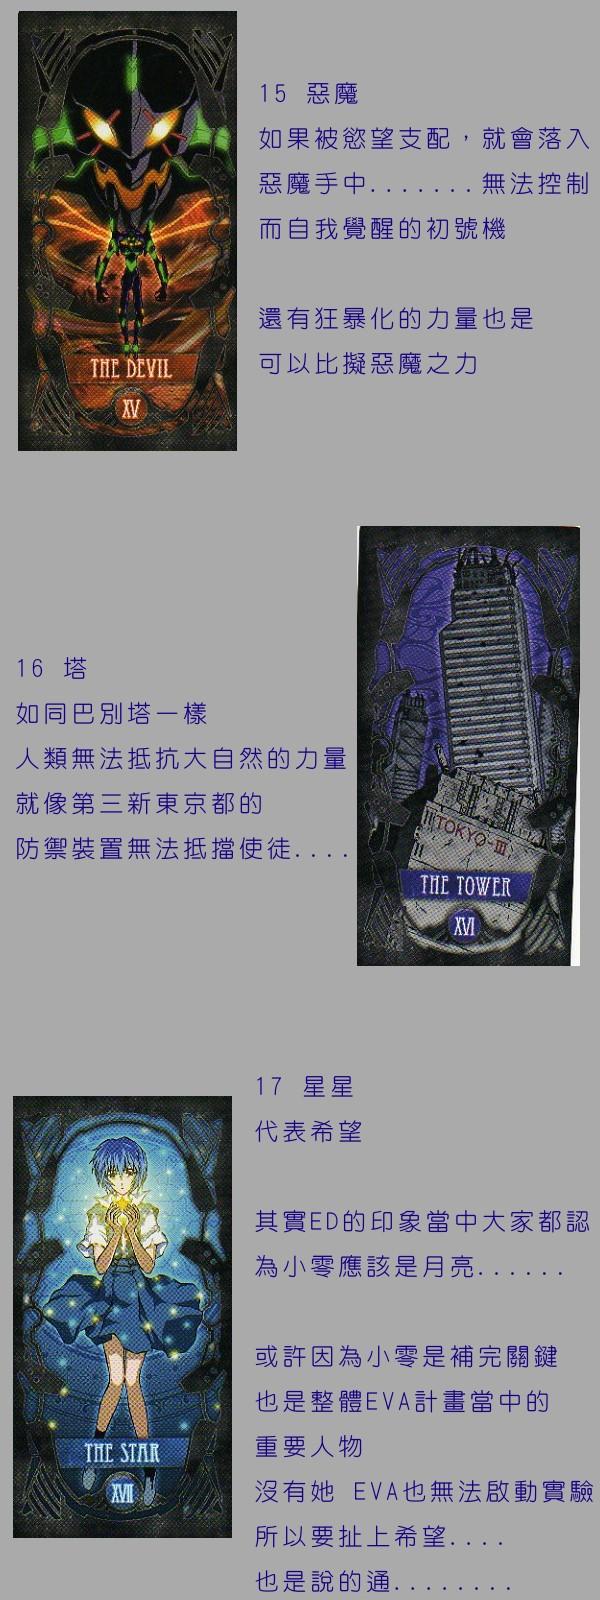 04-07-08.jpg